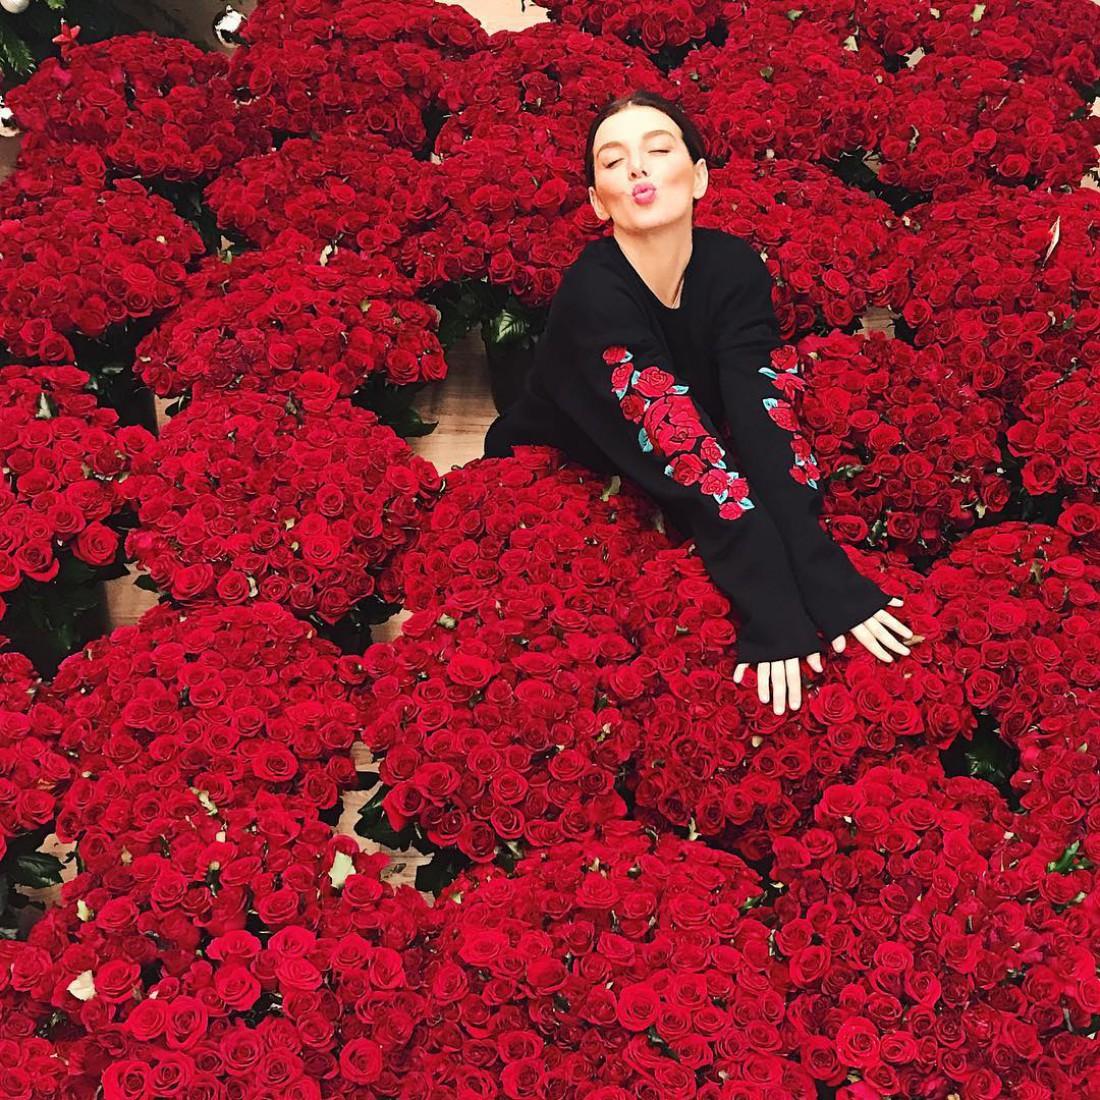 Анна Седокова сидит среди роз